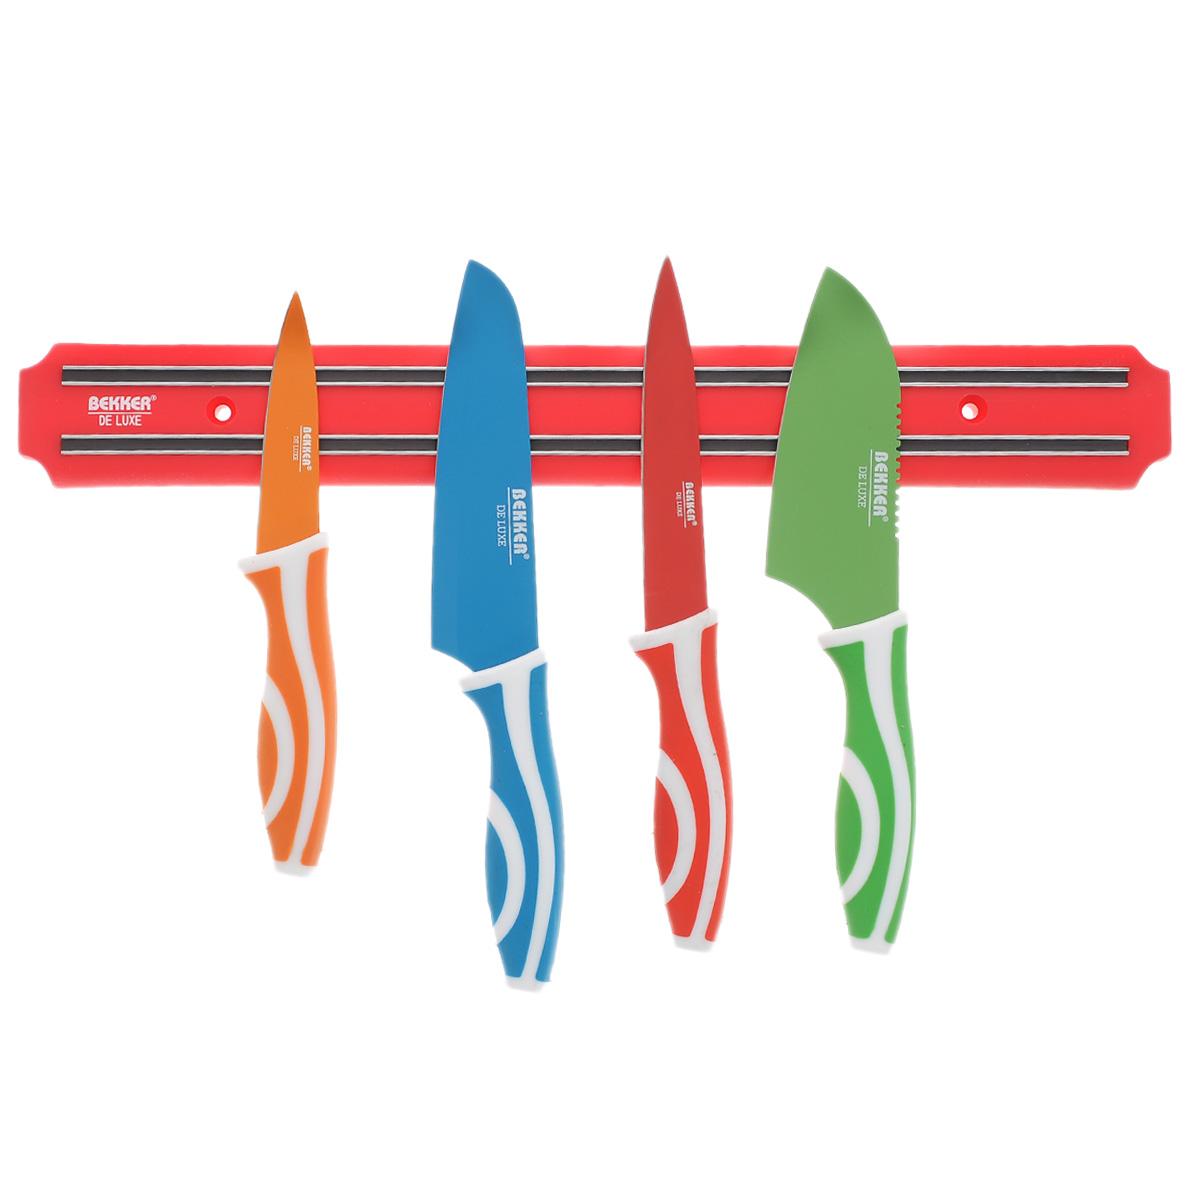 Набор ножей Bekker, 5 предметовBK-8429Набор ножей Bekker включает: нож Сантоку, нож поварской, нож универсальный, нож для чистки, магнитный держатель для ножей. Лезвия ножей изготовлены из высококачественной нержавеющей стали с цветным покрытием Xynflon, ручки изготовлены из пищевого пластика. Ножи удобно размещаются и крепко держатся на магните. Магнит укомплектован креплением для навешиванием на стену. Такой набор не оставит равнодушной ни одну хозяйку. Длина ножа Сантоку: 23 см. Длина лезвия ножа Сантоку: 12,2 см. Длина поварского ножа: 24,5 см. Длина лезвия поварского ножа: 13,6 см. Длина универсального ножа: 23,2 см. Длина лезвия универсального ножа: 12,5 см. Длина ножа для чистки: 19,5 см. Длина лезвия ножа для чистки: 8,5 см. Размер магнитного держателя: 38 см х 5 см х 1,2 см.